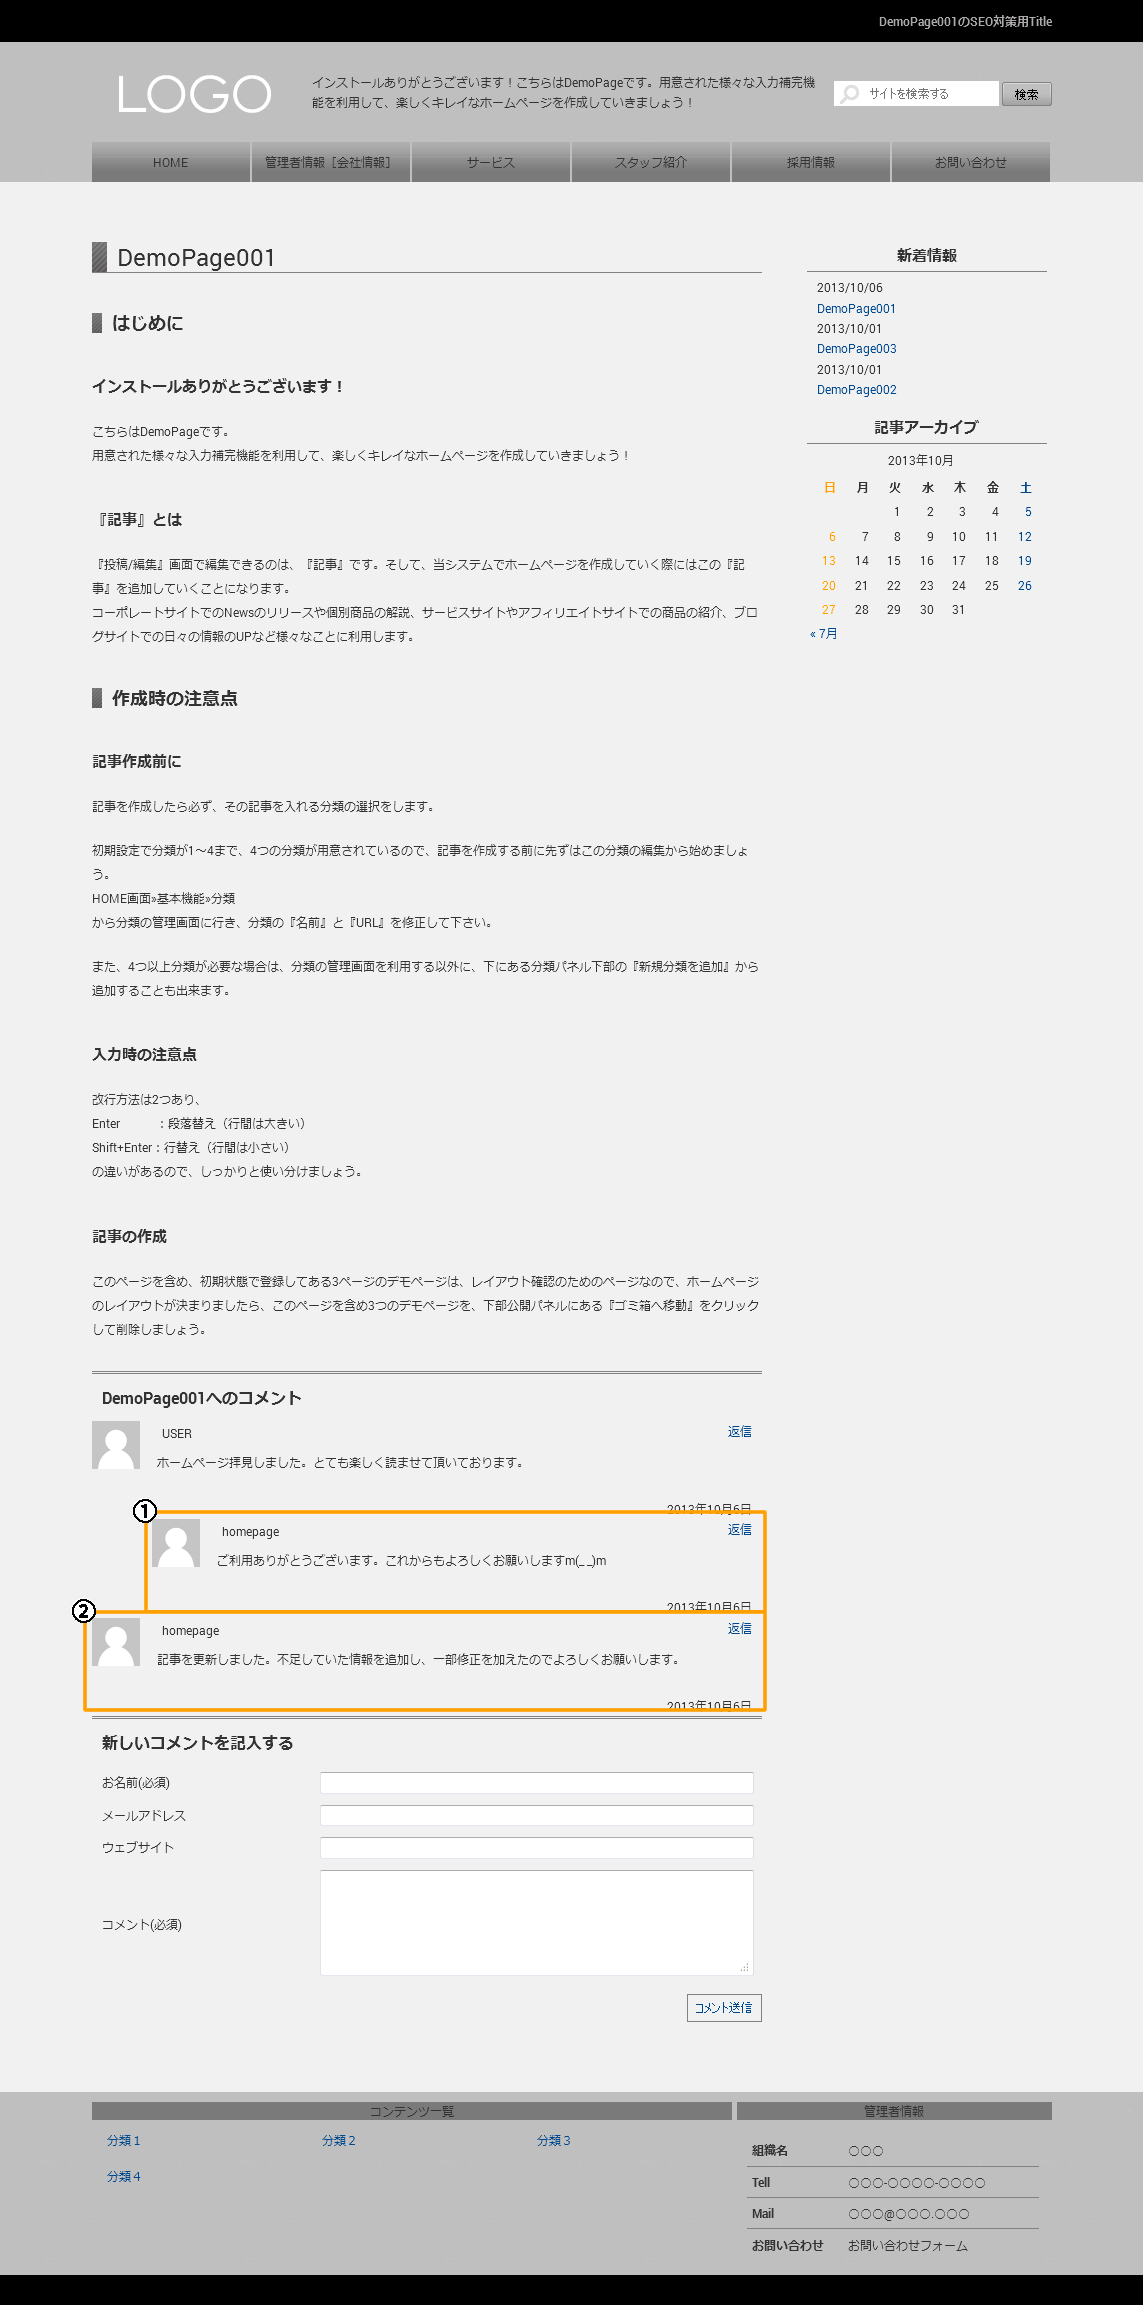 コメント編集画面 返信 | 初期費用無料ホームページ作成サイト - FunMaker